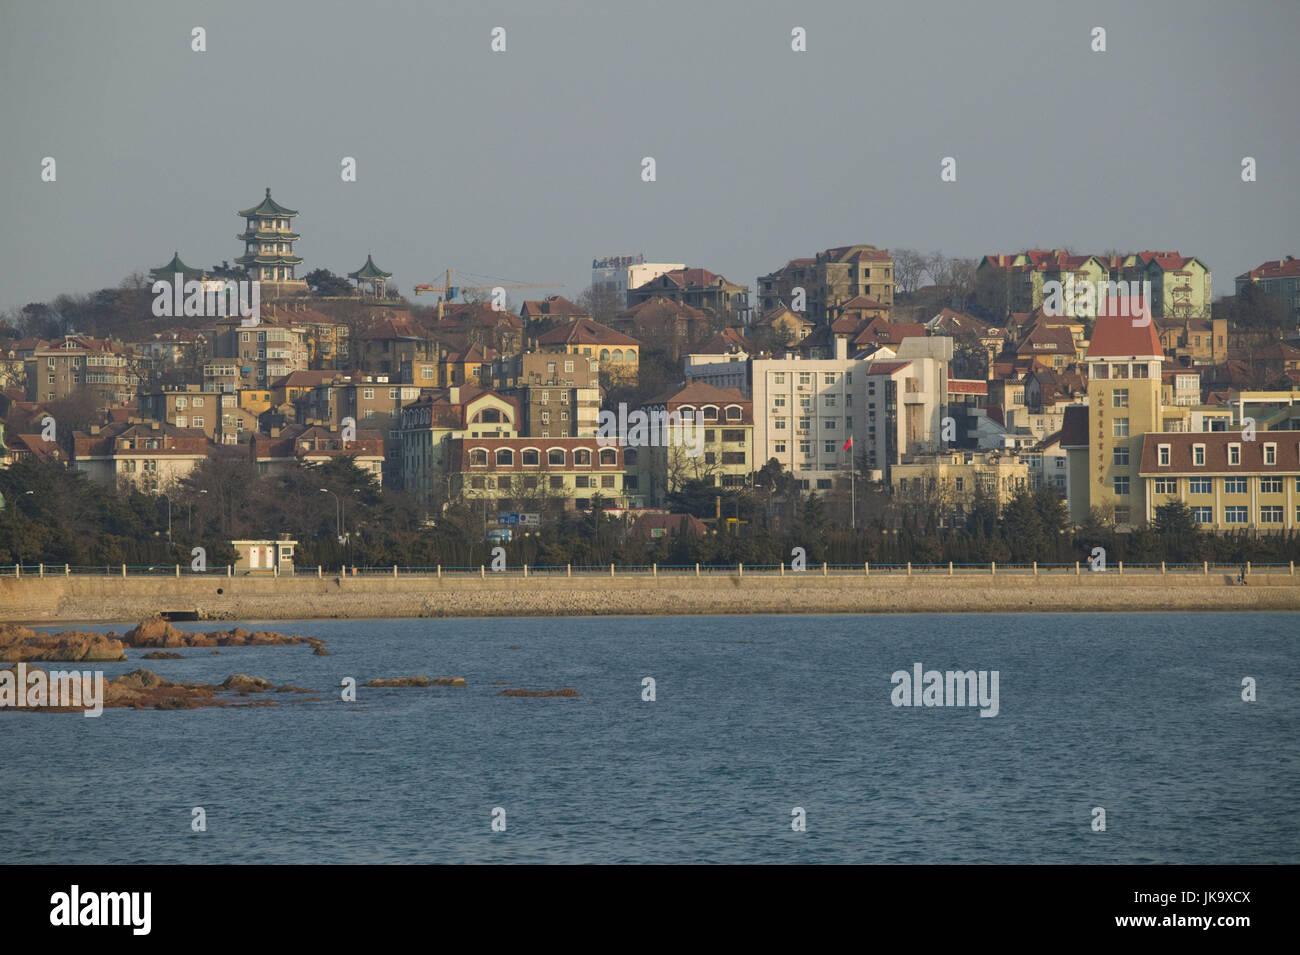 China, Qingdao, Altstadt, Hafen, Abendlicht, Asien, Ostasien, Stadtansicht, bereitzuhalten, Häuser, Gebäude, Stockbild